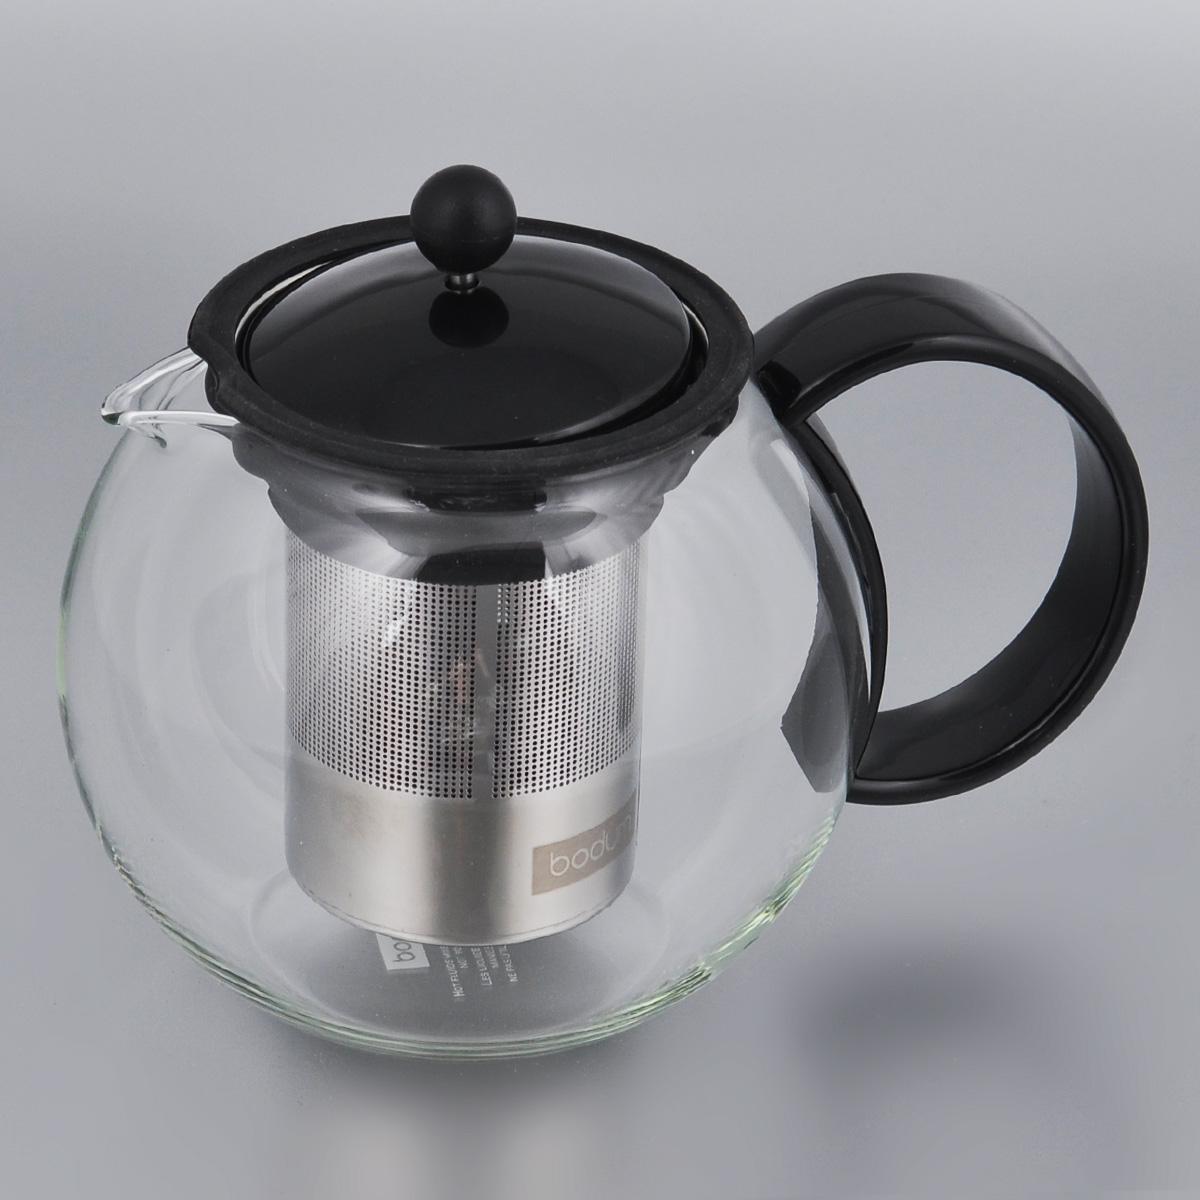 Френч-пресс Bodum Assam, 1 л. 1805-011805-01Заварочный чайник Bodum Assam выполнен из термостойкого стекла. Чайник оснащен фильтром-сеткой и прессом, выполненными из нержавеющей стали и пластика. Засыпая чайную заварку в фильтр-сетку и заливая ее горячей водой, вы получаете ароматный чай с оптимальной крепостью и насыщенностью. Остановить процесс заварки чая легко. Для этого нужно просто опустить поршень, и заварка уйдет вниз, оставляя вверху напиток, готовый к употреблению. Чайник снабжен крышкой и удобной ручкой. Заварочный чайник Bodum Assam займет достойное место на вашей кухне и позволит вам заварить свежий, ароматный чай. Можно мыть в посудомоечной машине. Диаметр чайника (по верхнему краю): 9 см. Высота чайника (без учета крышки): 12,5 см.